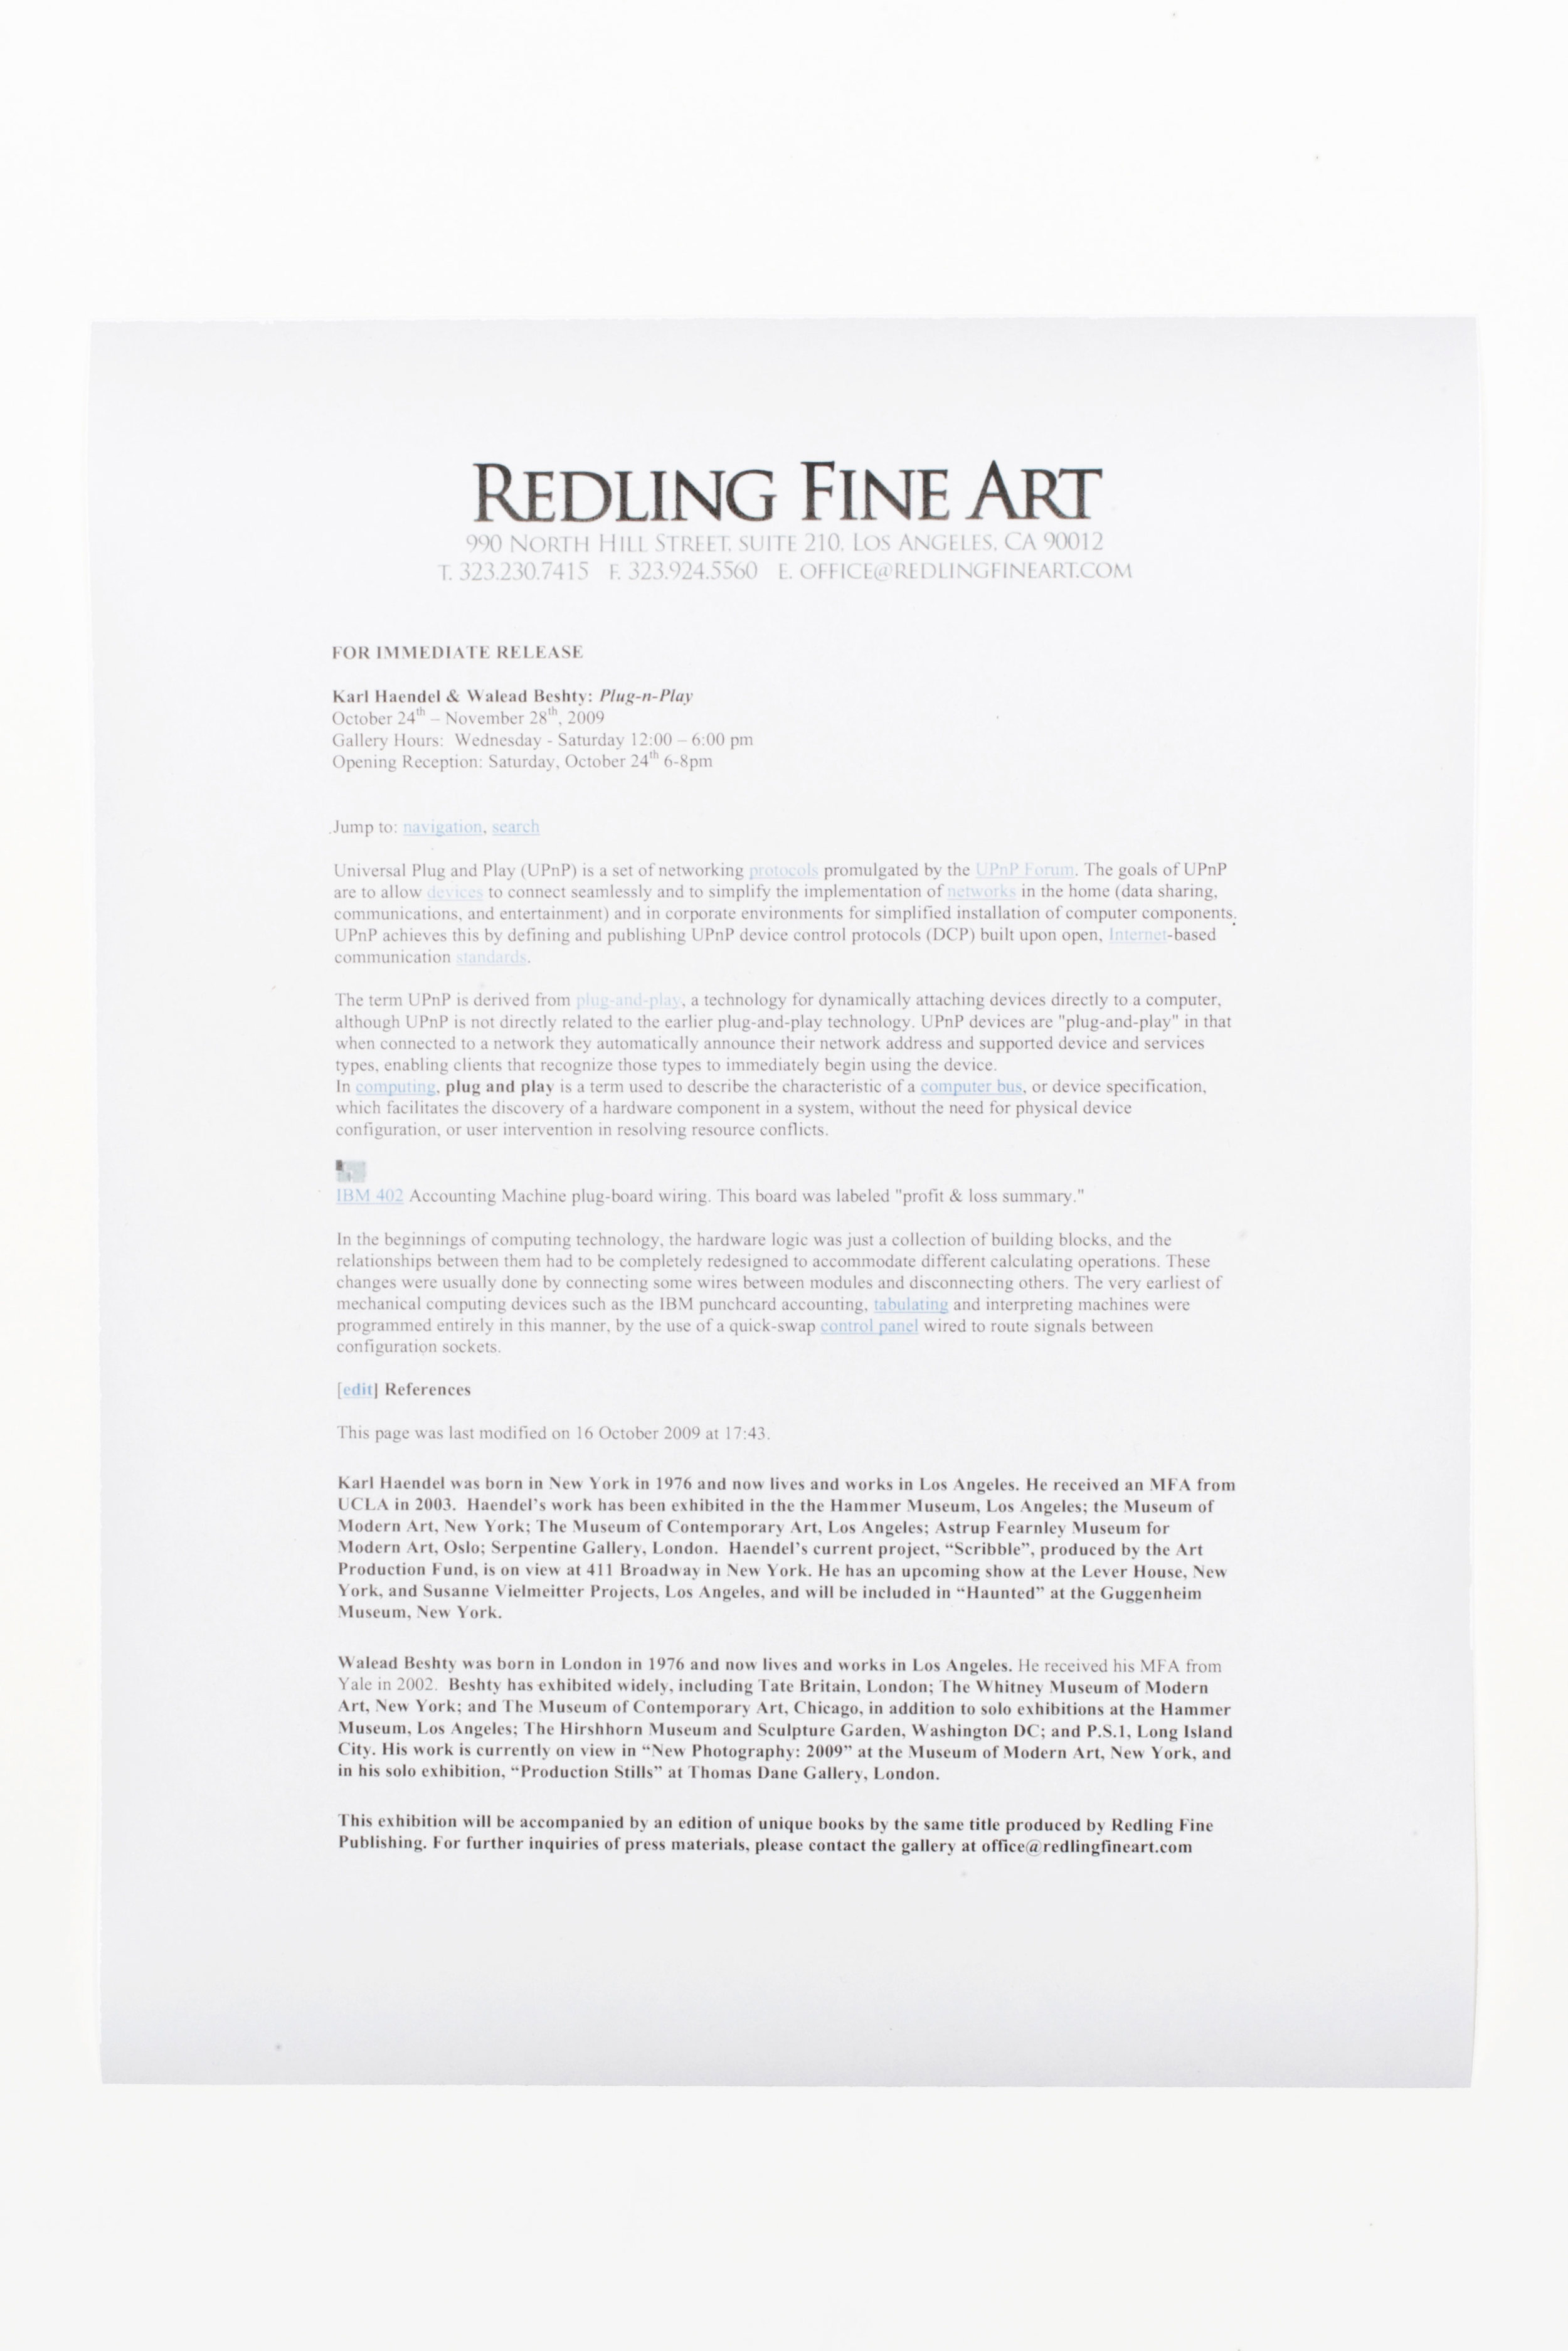 Plug n Play press release   With Karl Haendel  Redling Fine Art  Los Angeles  California  2009